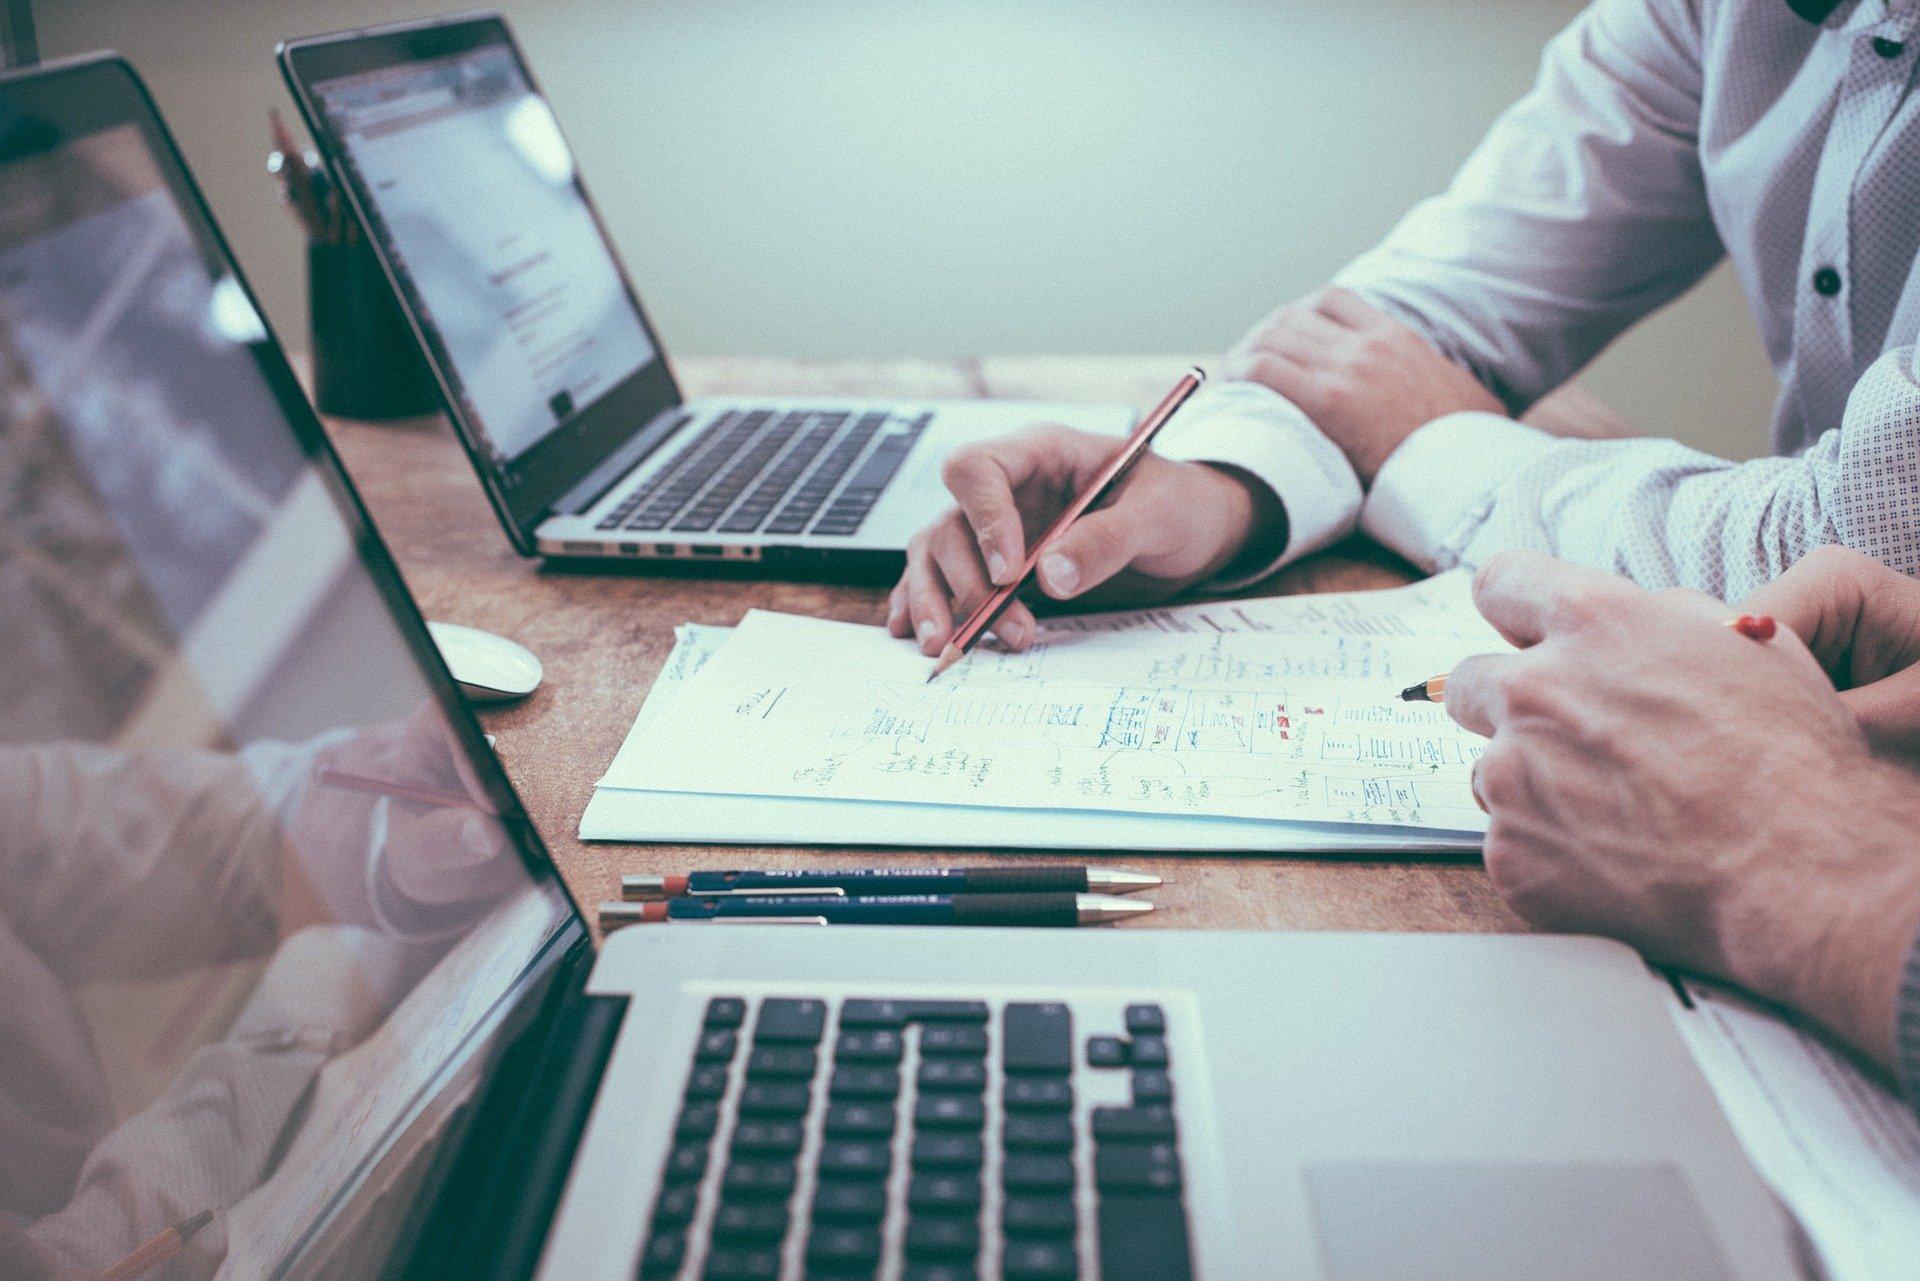 ¿Qué es un Service Desk y cómo podemos generar mayor valor en su utilización?